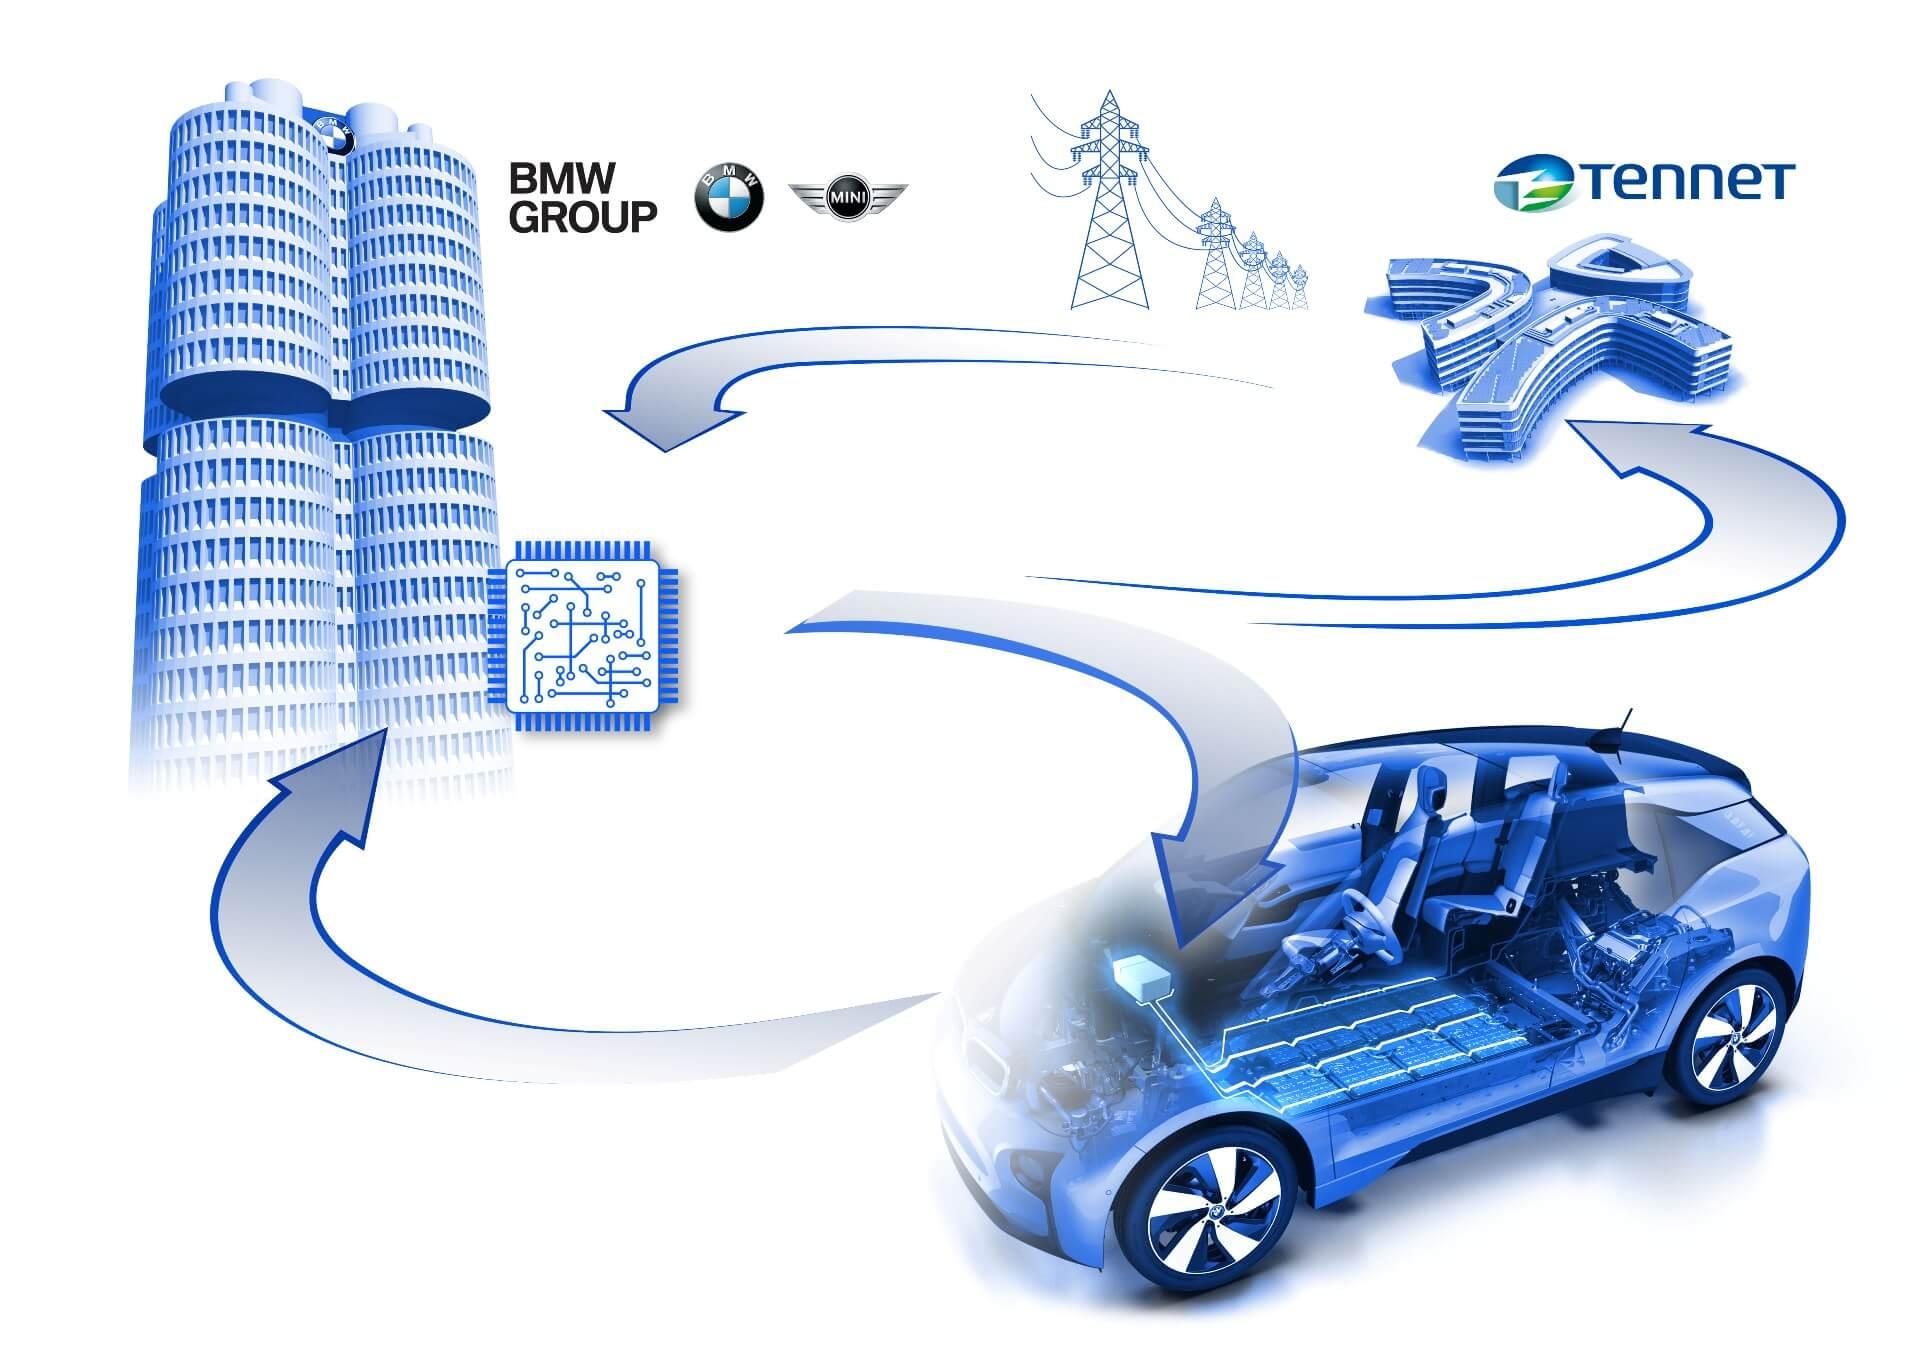 BMW разрабатывает с TenneT новую стратегию зарядки для электромобилей, чтобы поддерживать стабильность электросети